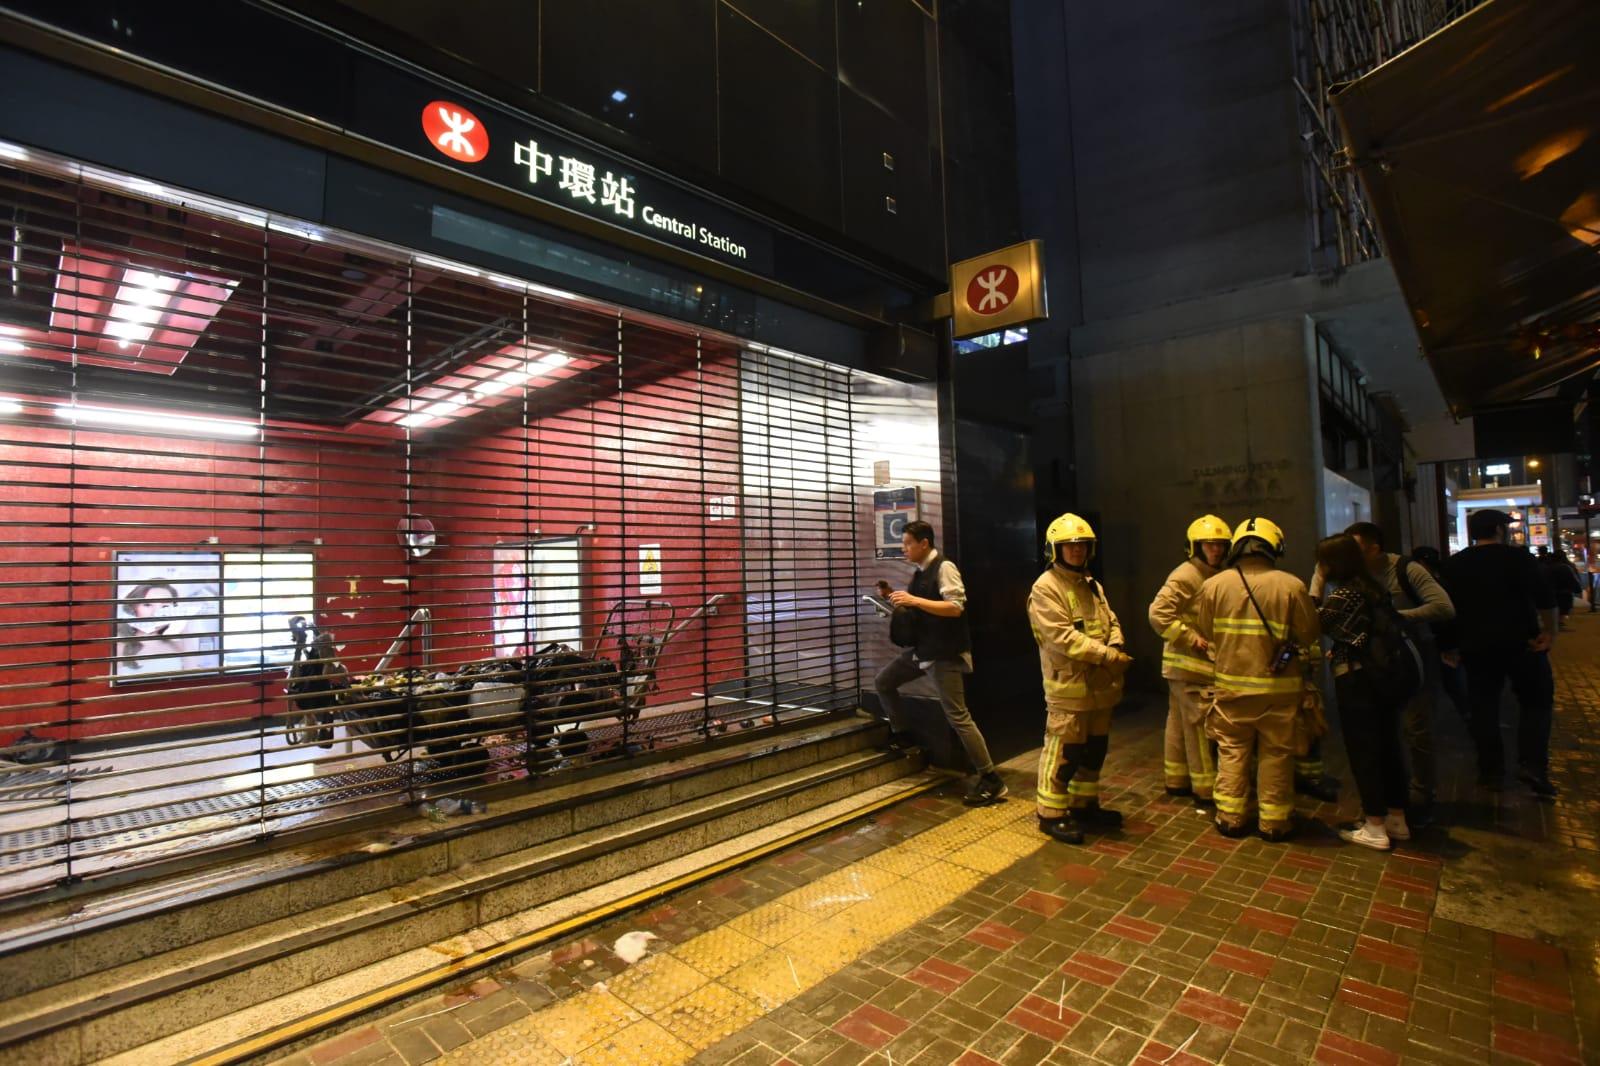 【修例风波】出入口被投掷燃烧弹 中环站关闭